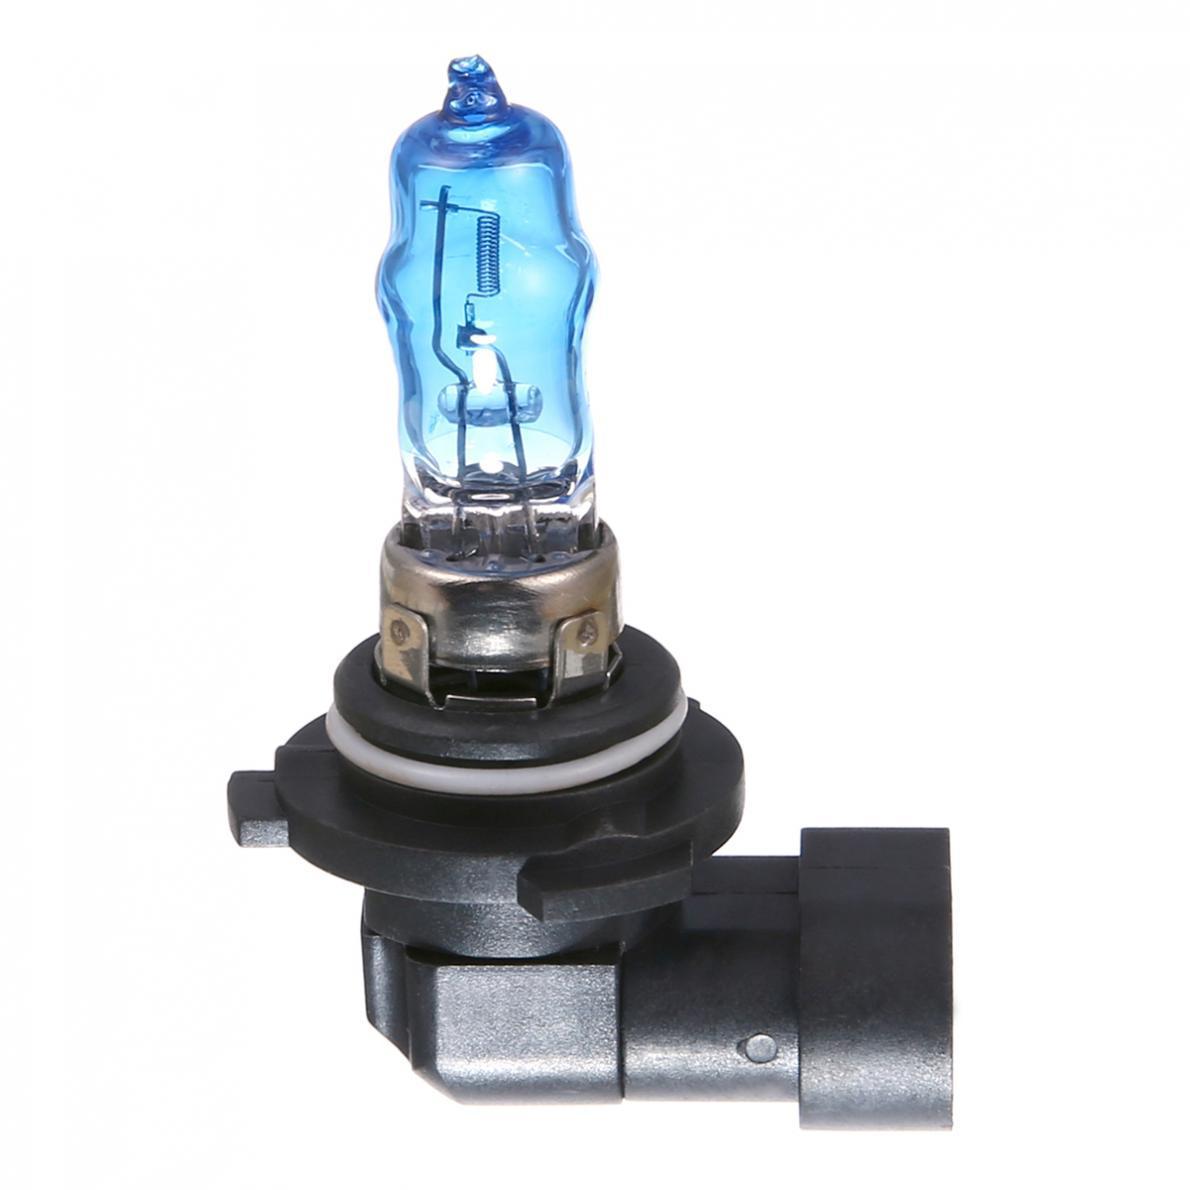 9006 HB4 Fog Spot Beam Headlight Bulbs Xenon Supreme White Light Upragde